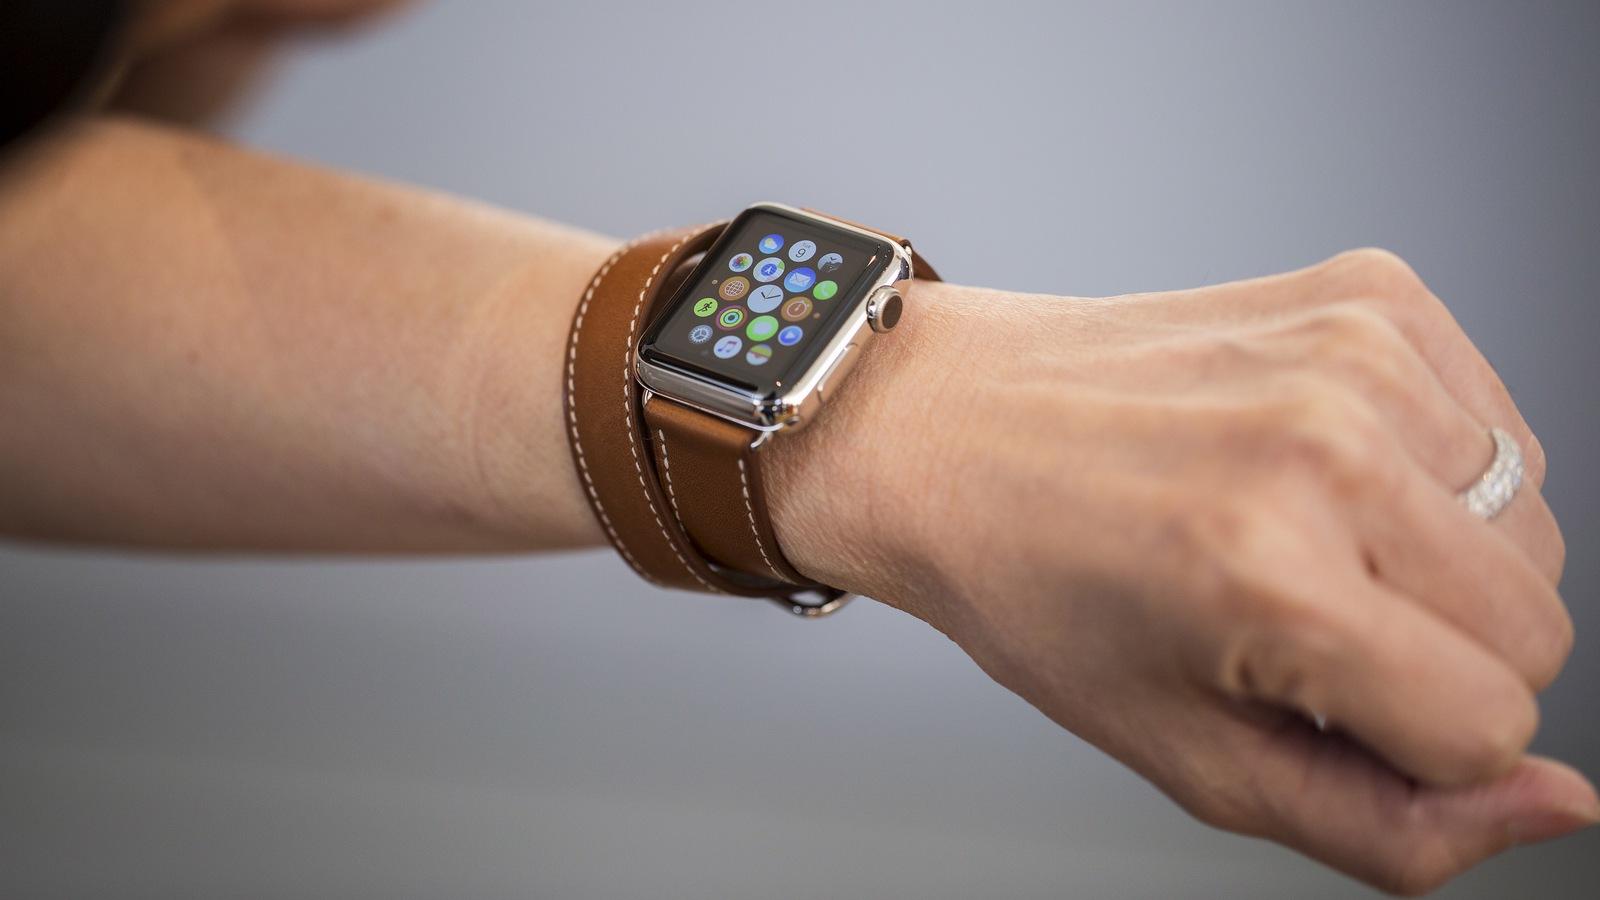 Продажи Apple Watch неуклонно растут, вопреки слухам о выходе новой модели